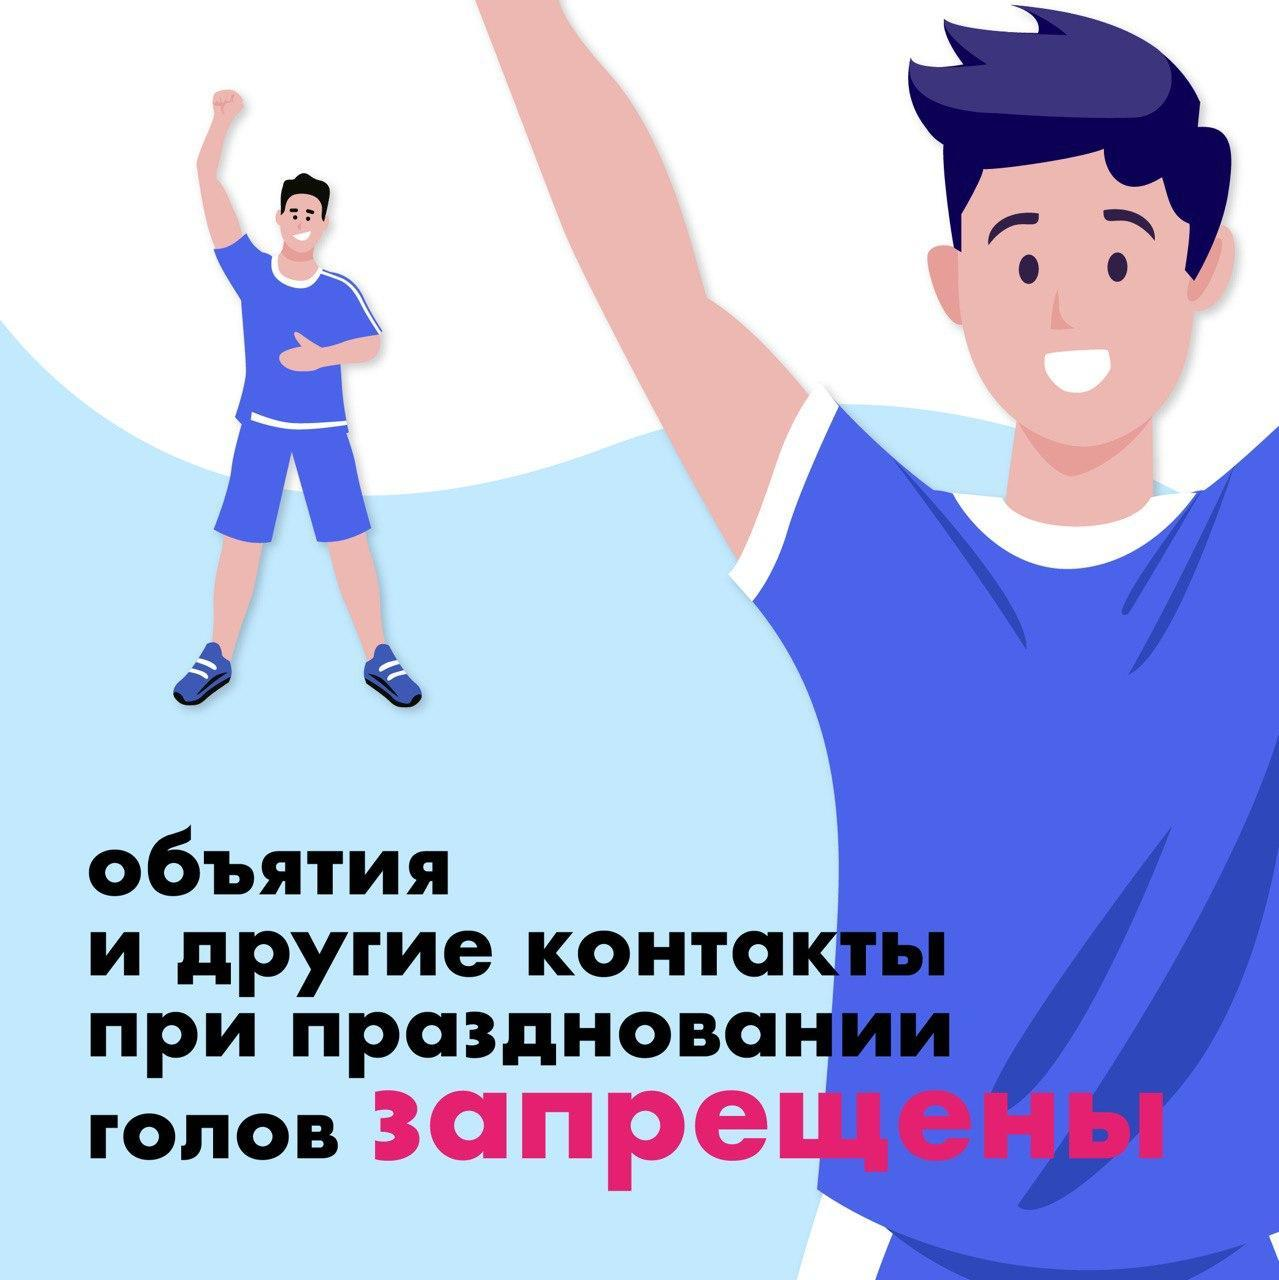 фото Паспорт, маски и перчатки: ФК «Новосибирск» ищет совершеннолетних подавальщиков мячей 8